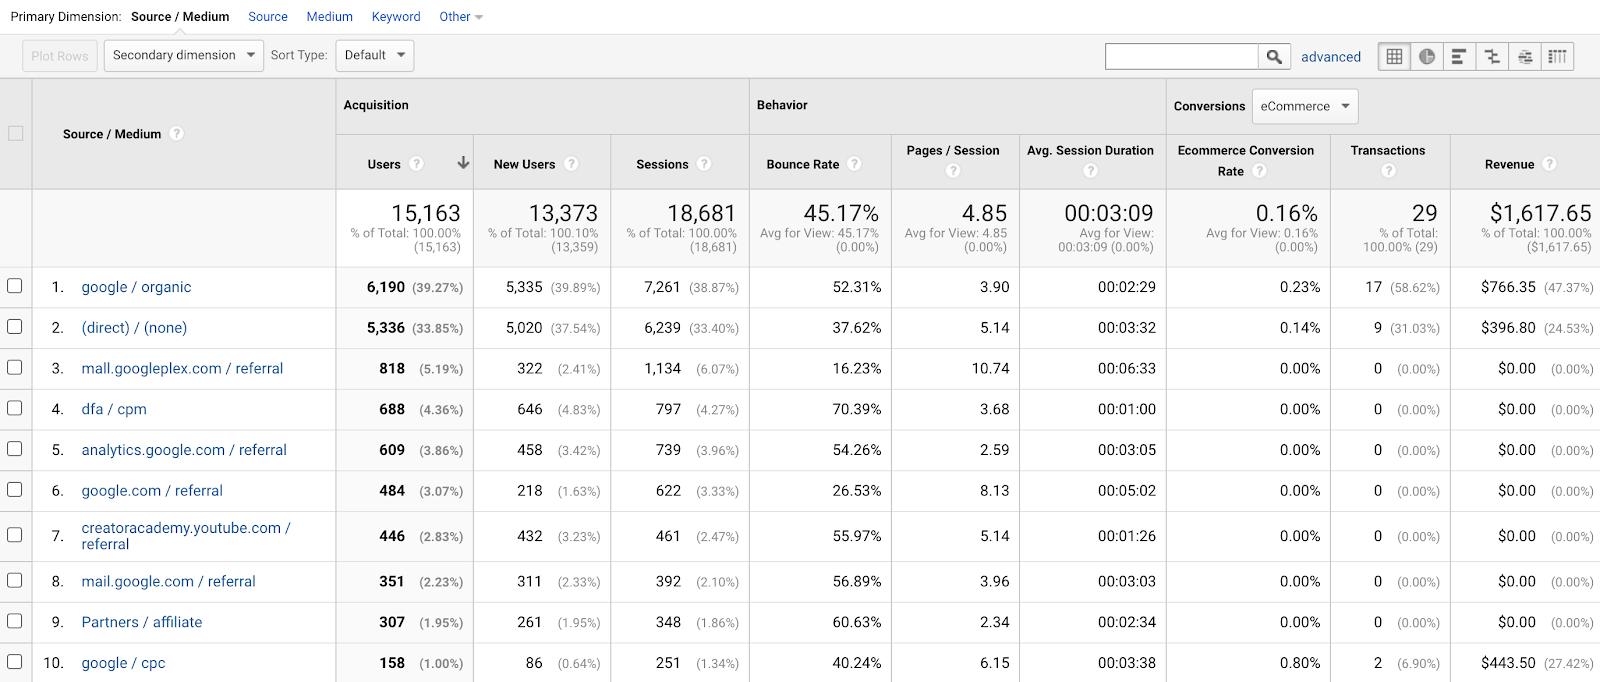 Screenshot of source/medium report in GA.